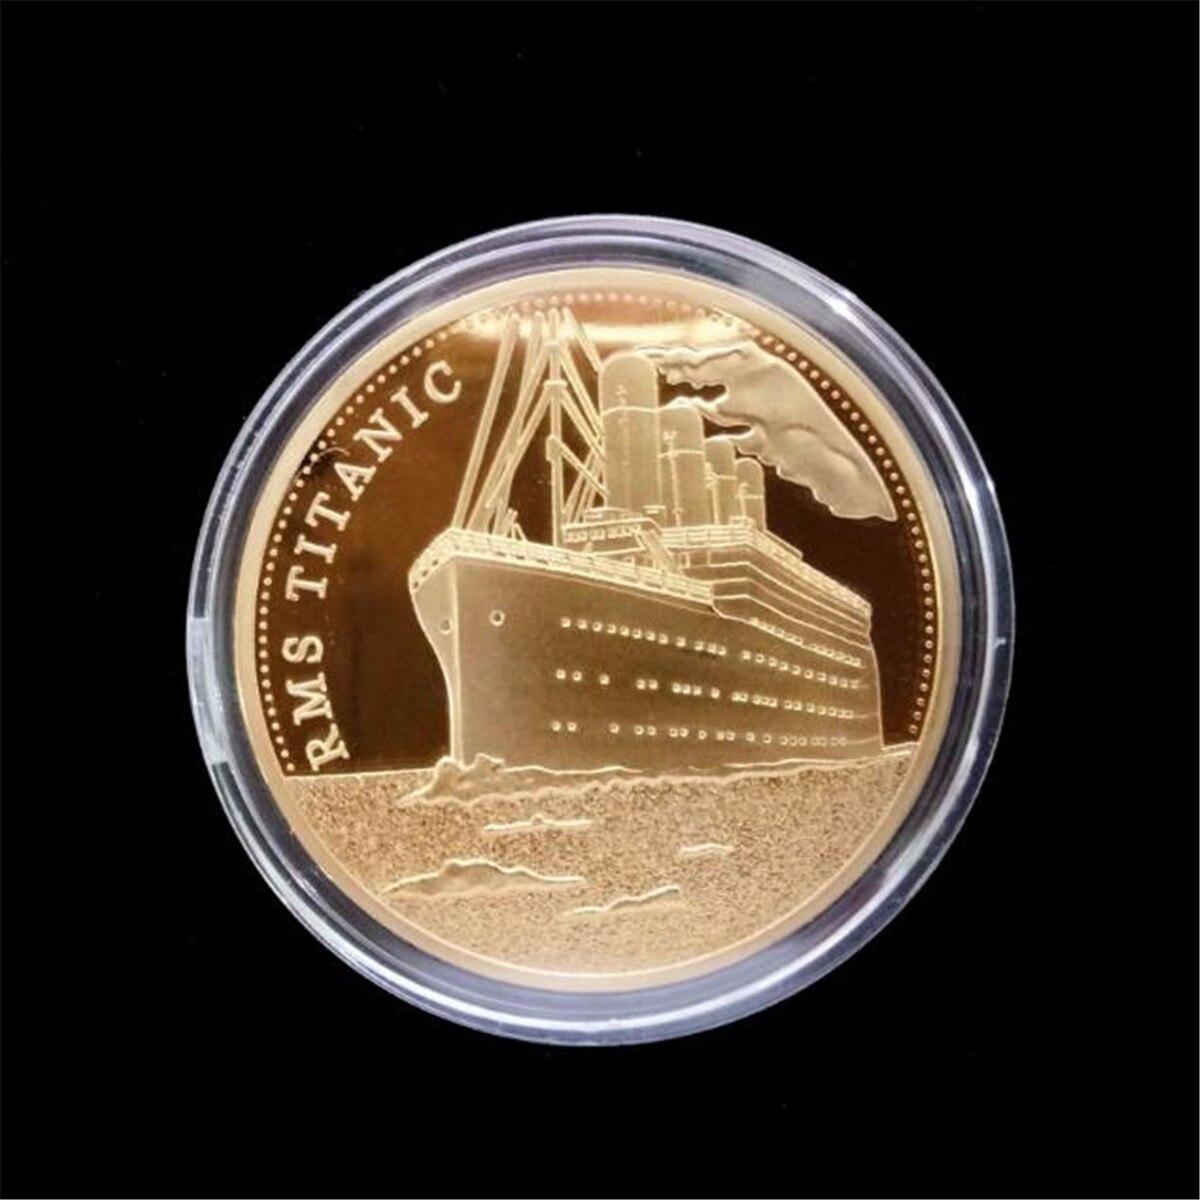 Rms titanic moedas comemorativas vítimas euro titanics navio de cruzeiro ouro metal comemorativa tragédia coleção de moedas